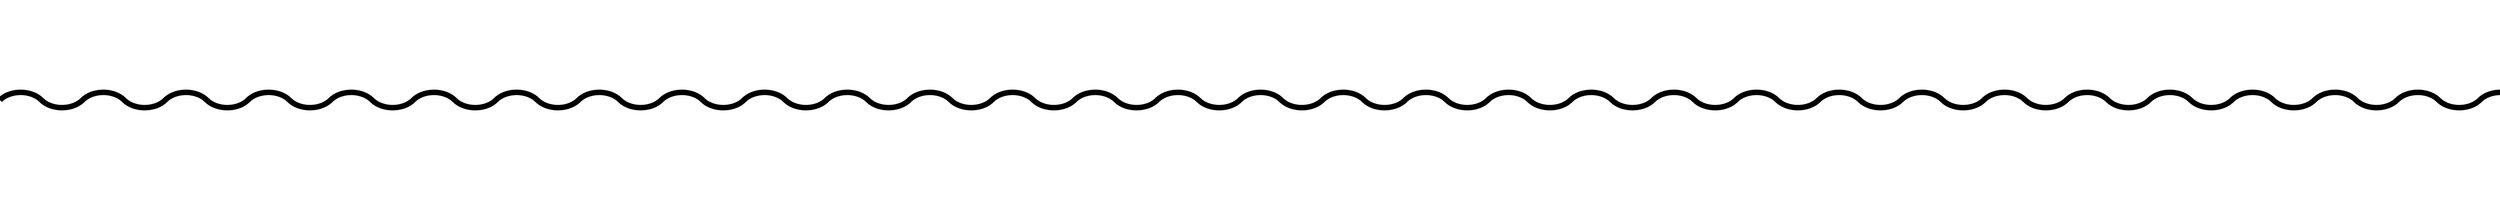 waves3.jpg